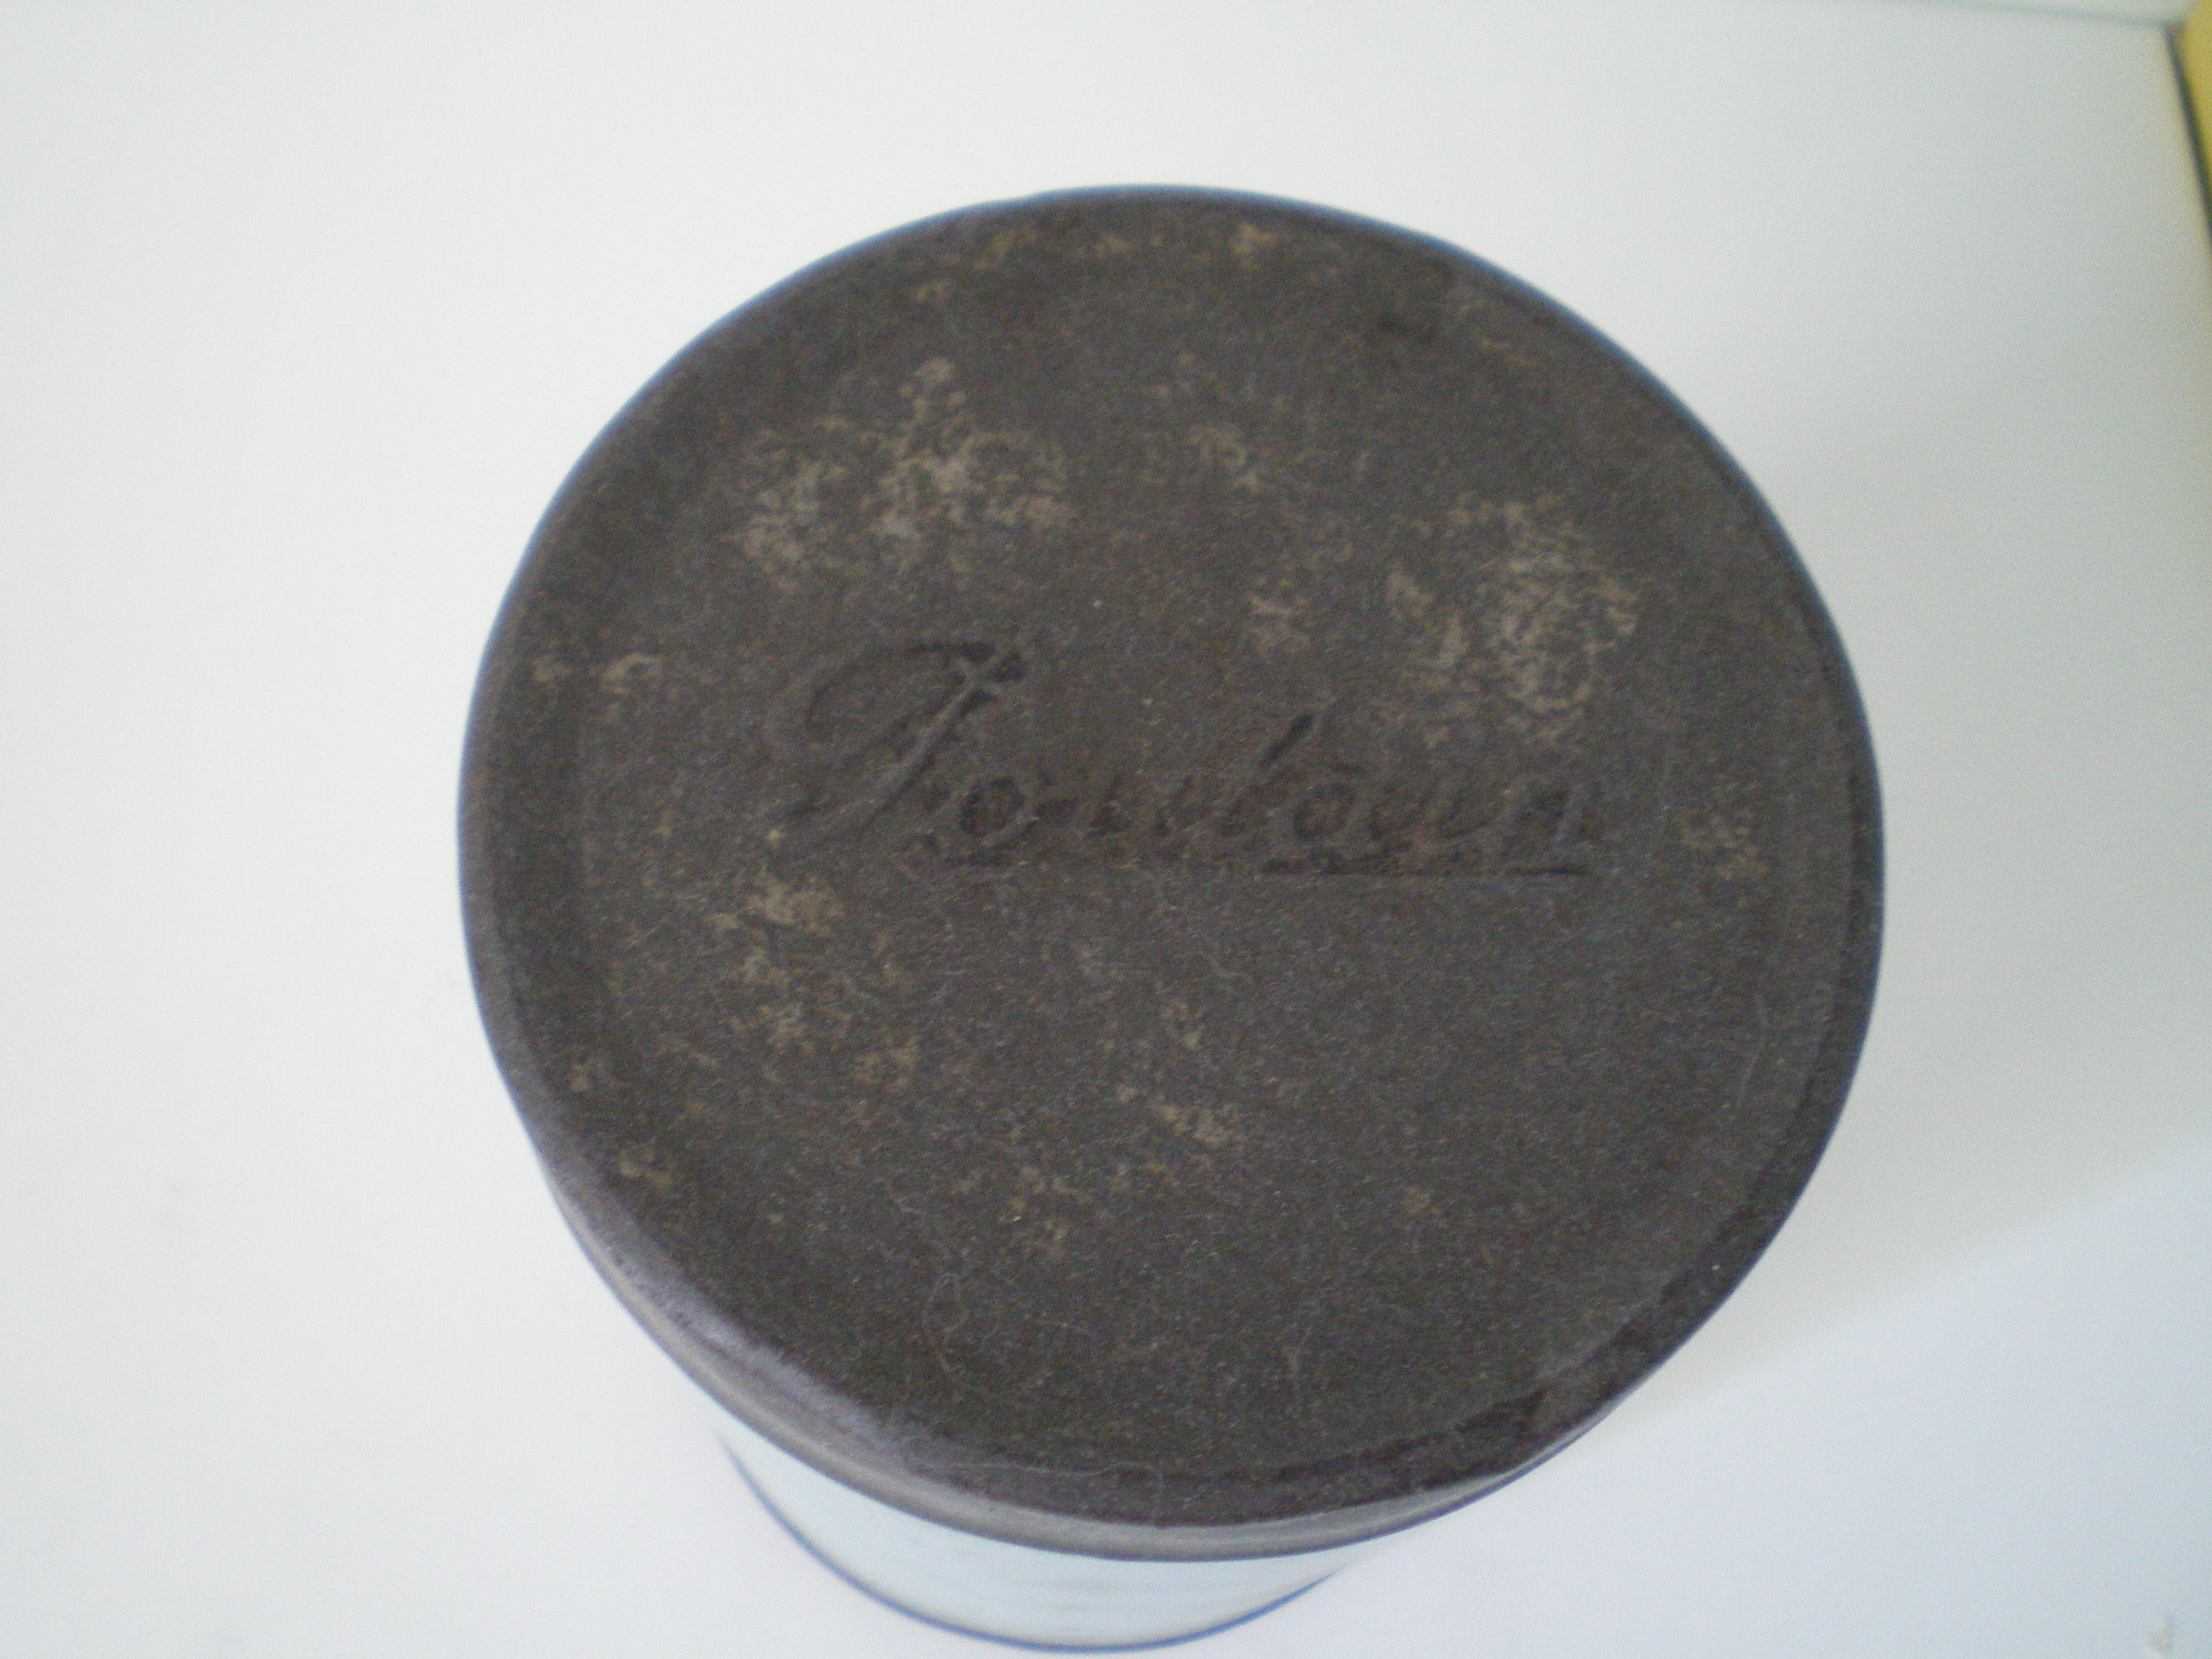 Boite en m tal ancienne chocolat poulain collection - Boite metal ancienne ...